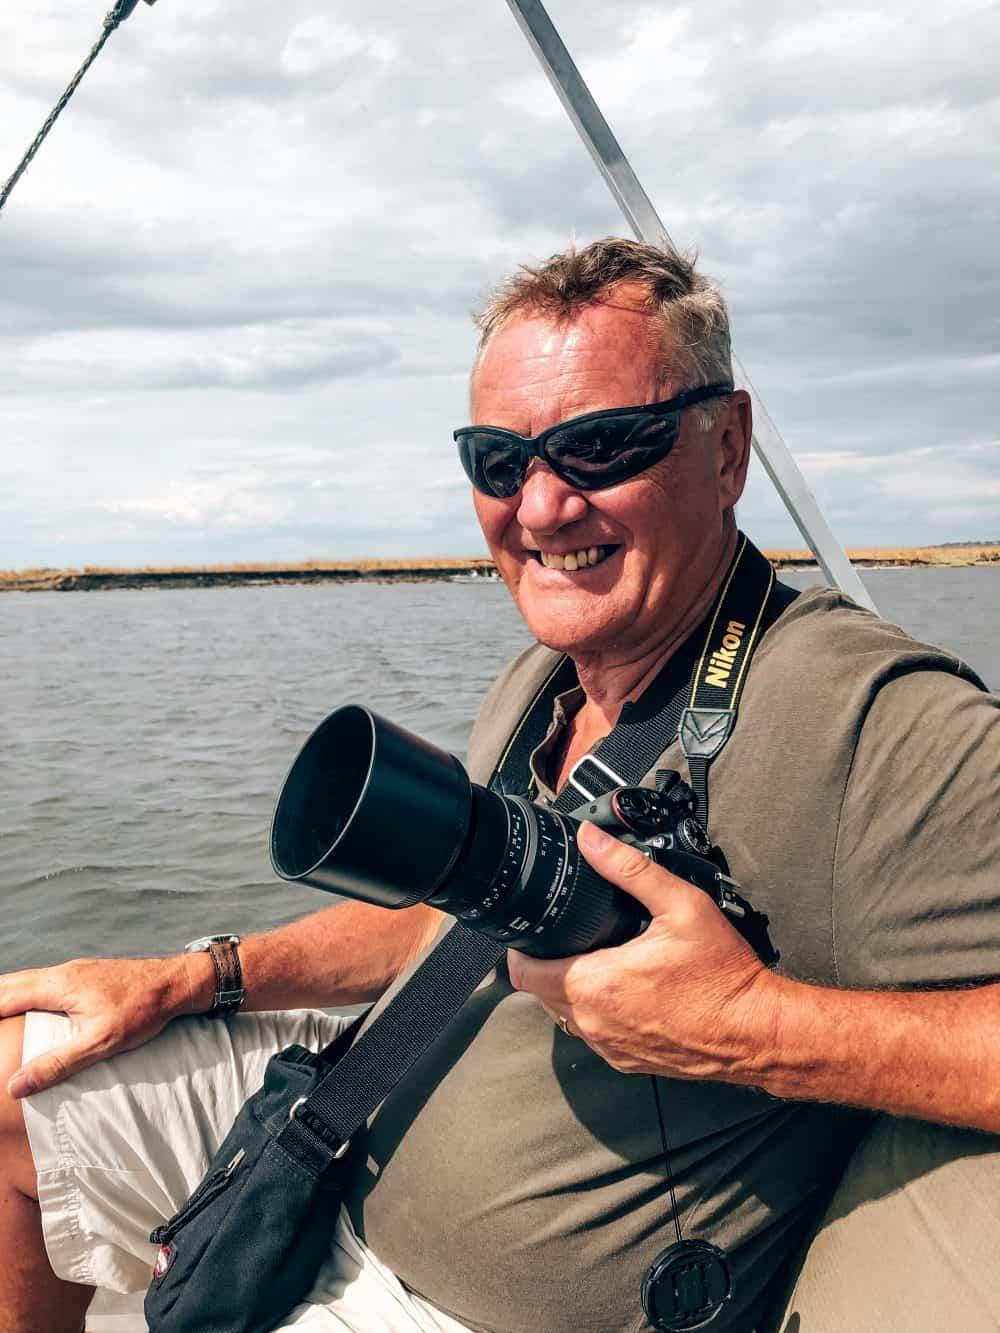 Chobe River Cruise in Botswana